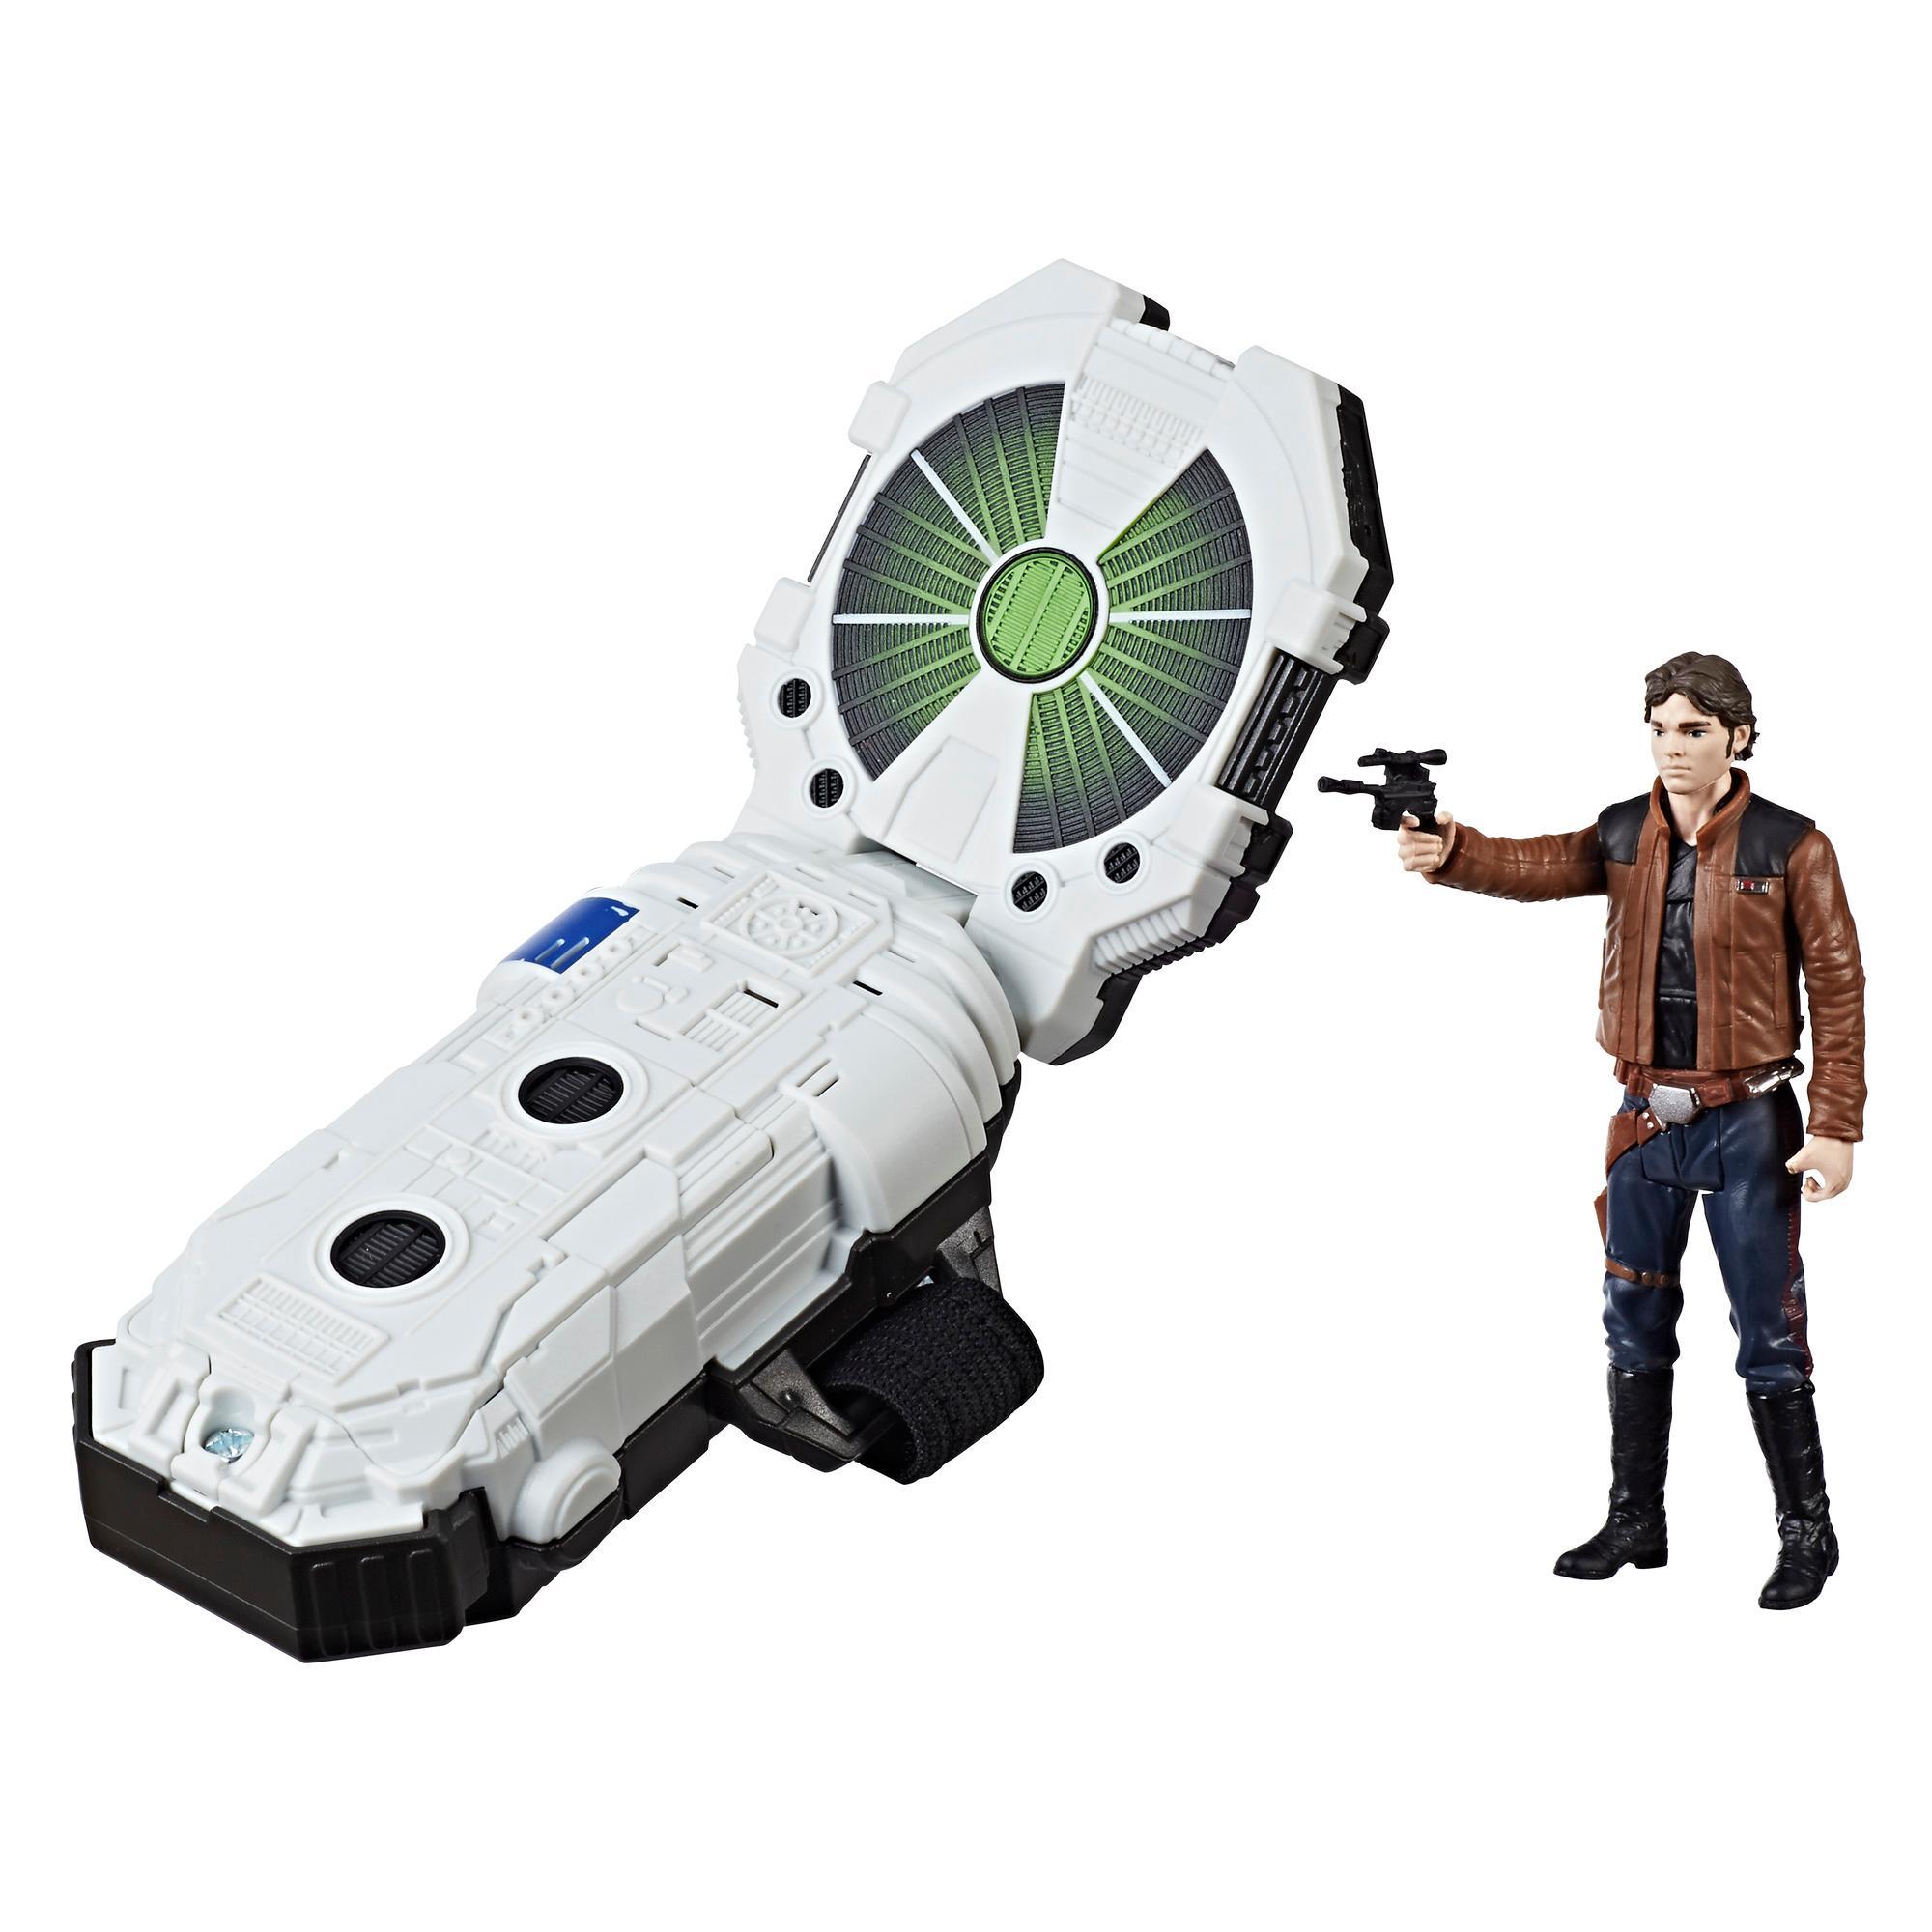 Star Wars - Kit de inicio Force Link incluyendo brazalete Force Link